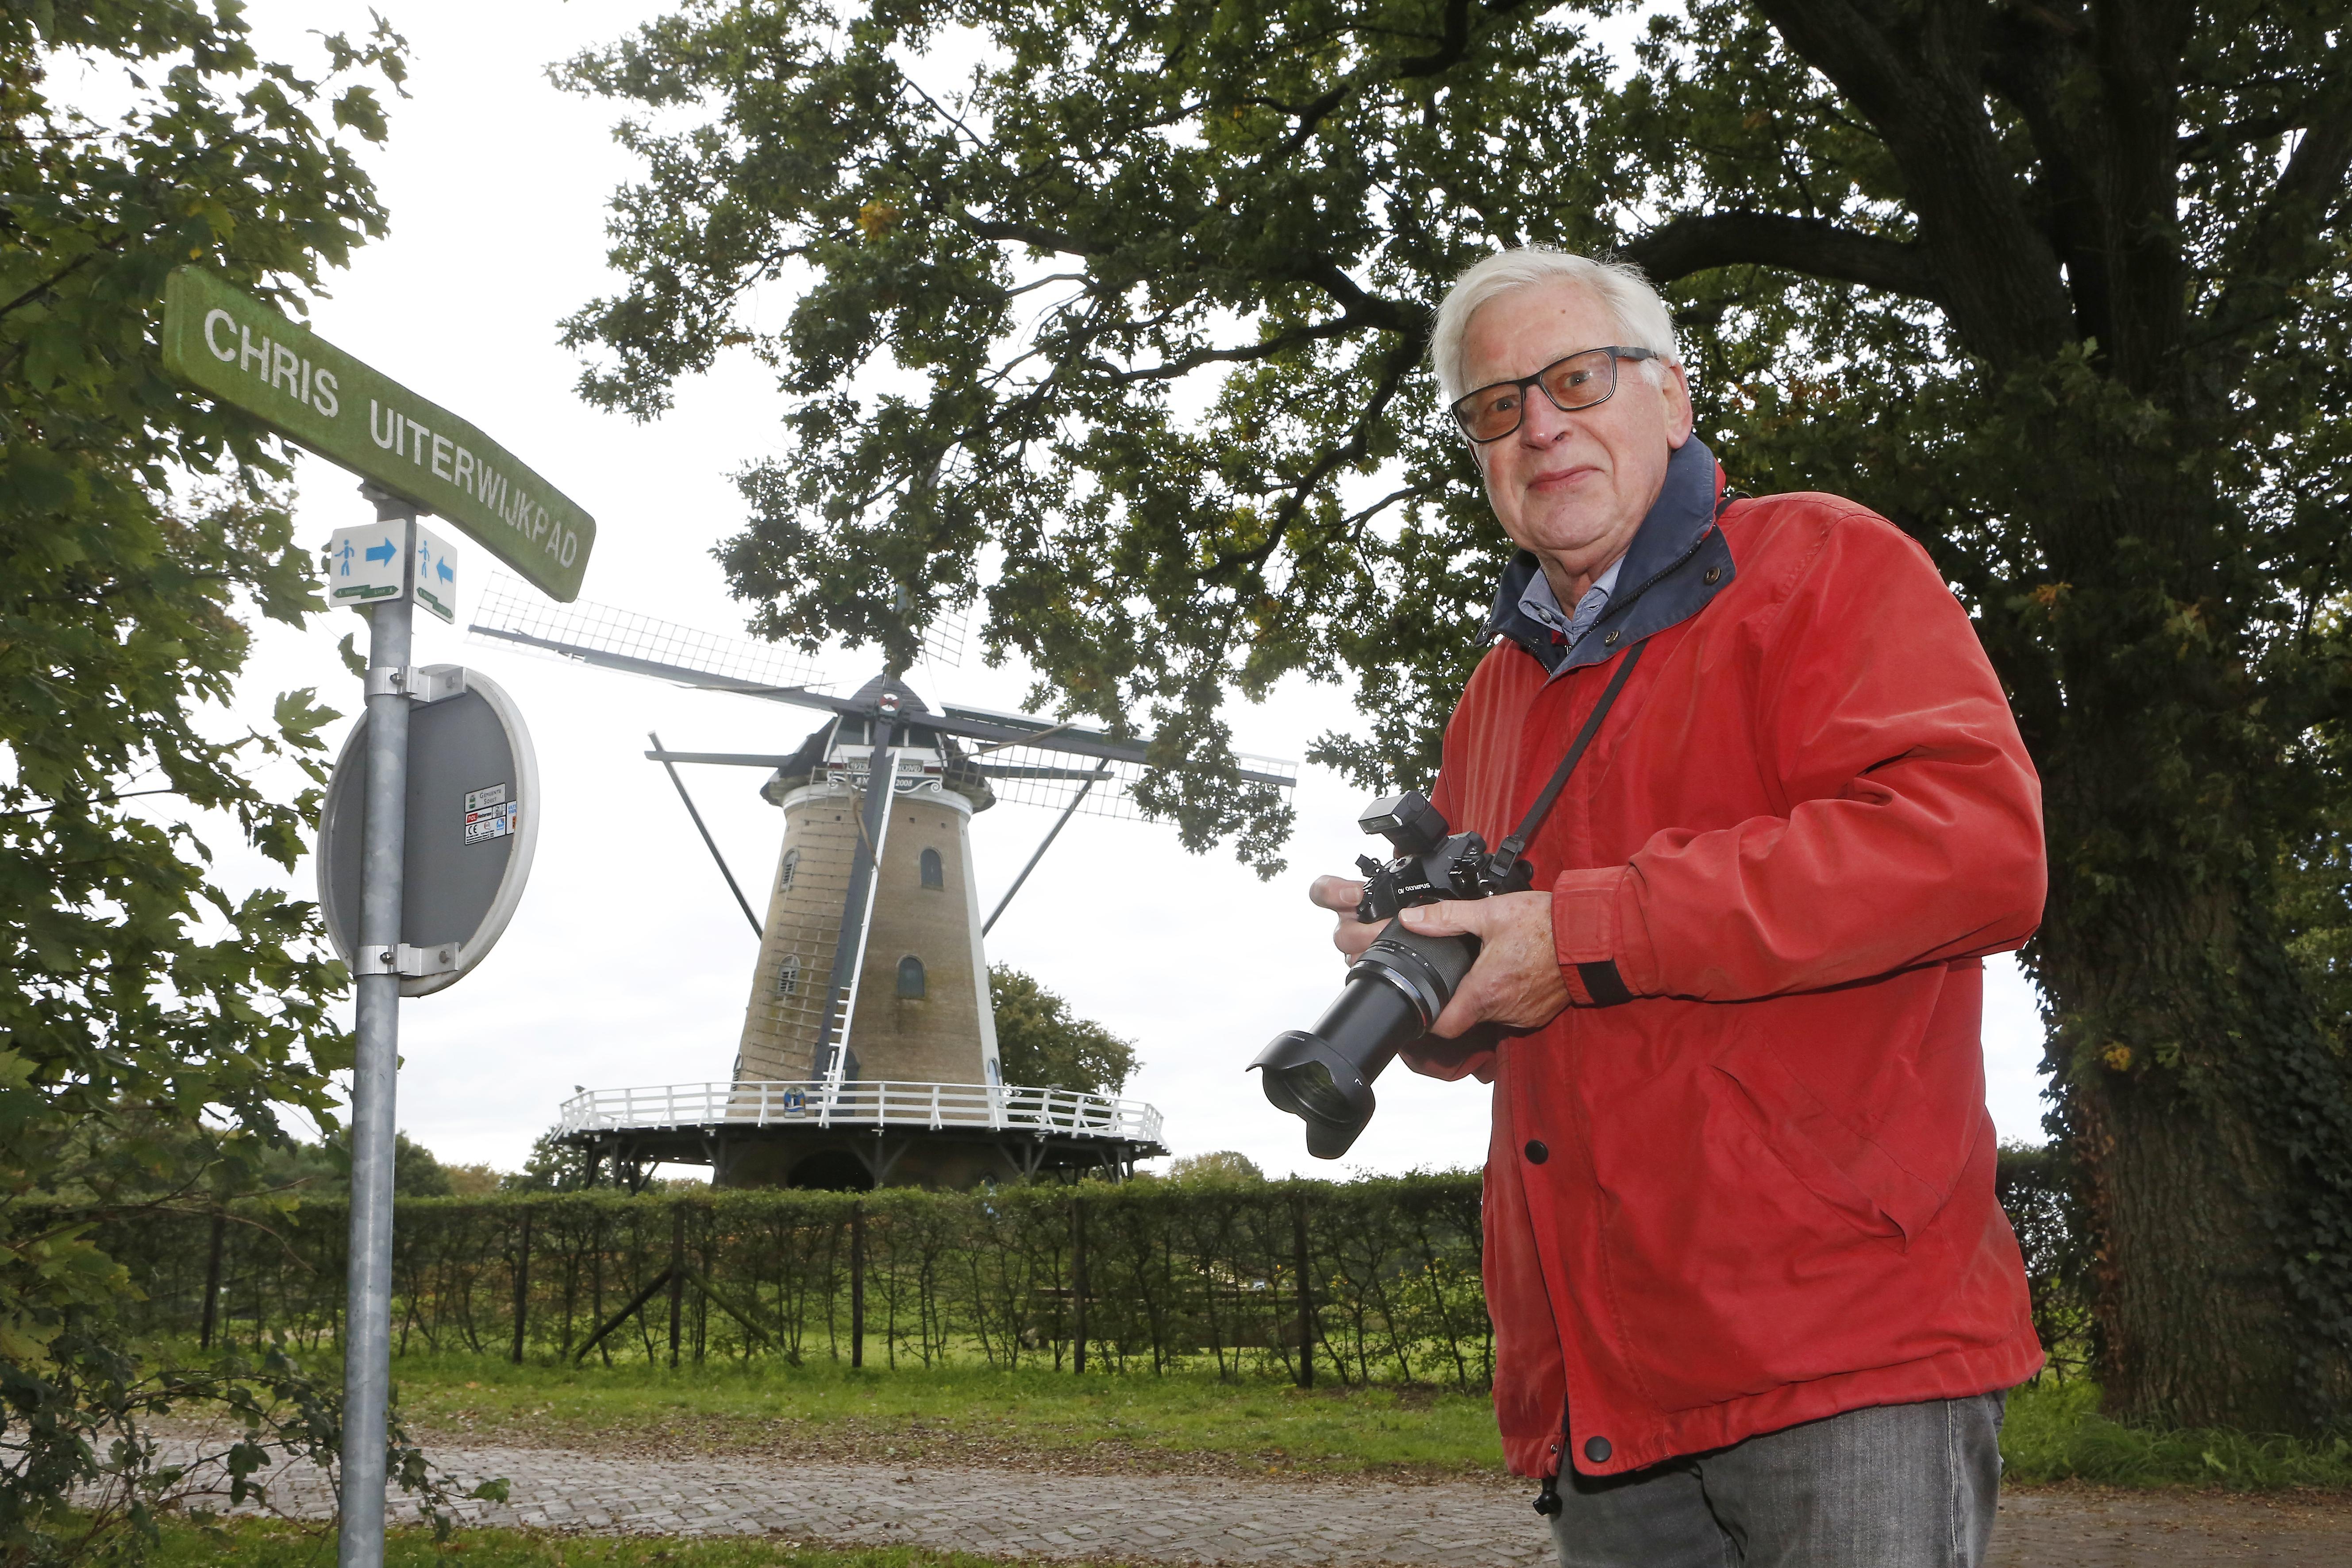 Soester natuurliefhebber Dick Nagelhout speurt naar vlinders en libellen en vindt een bijzondere bladwesp: Ja, het is echt een Arge dimidiata!